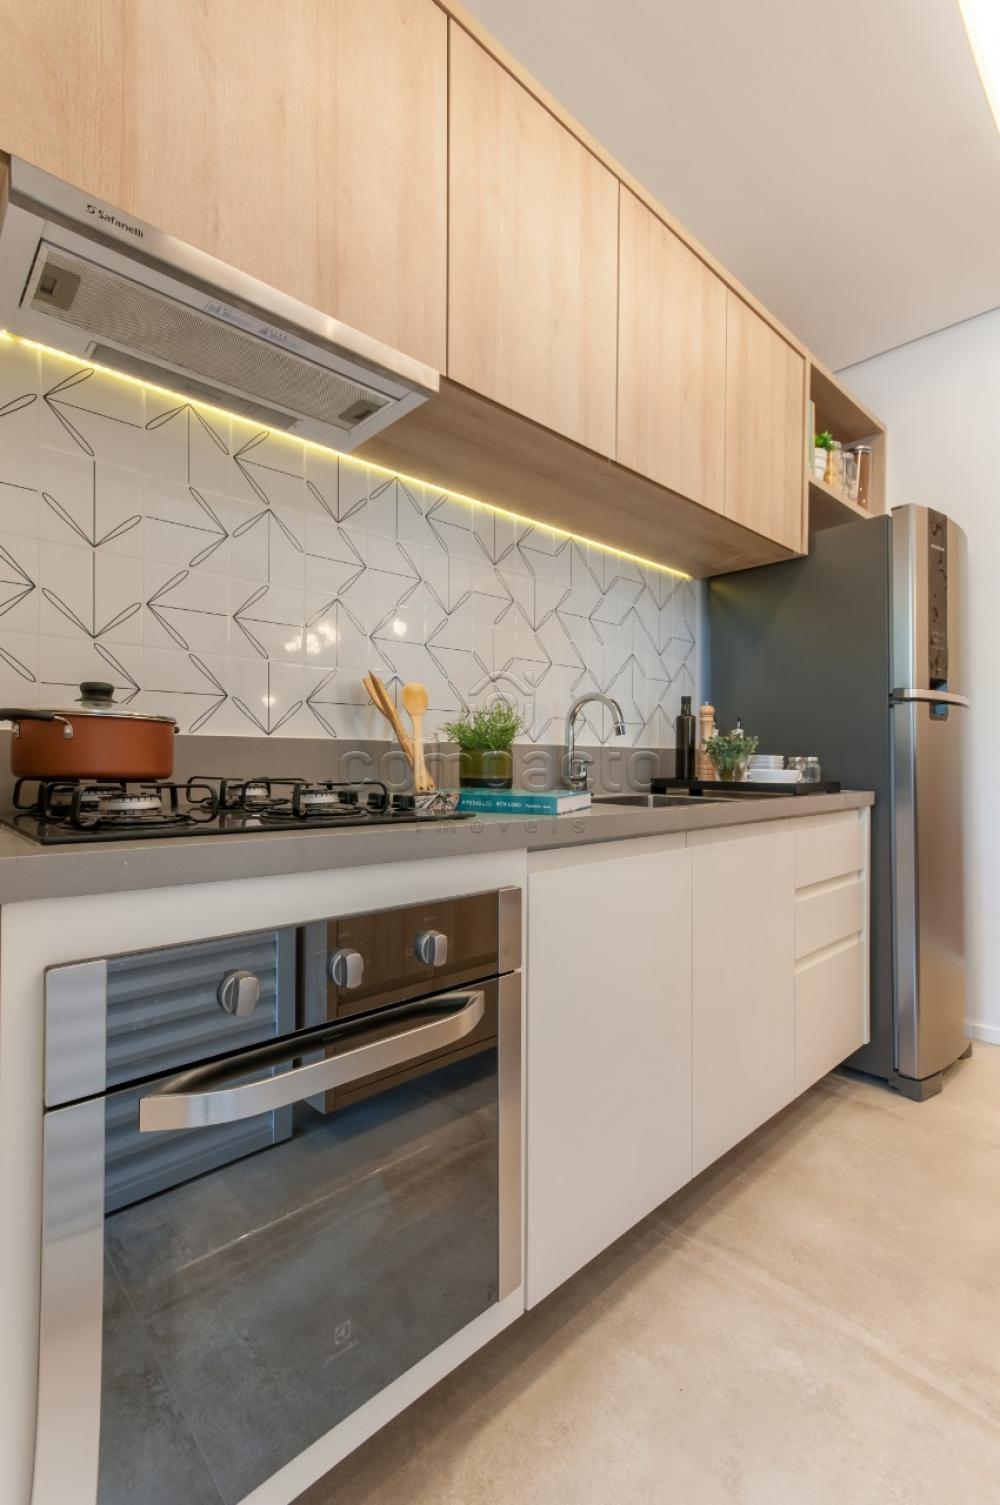 Comprar Apartamento / Padrão em São José do Rio Preto apenas R$ 210.000,00 - Foto 10